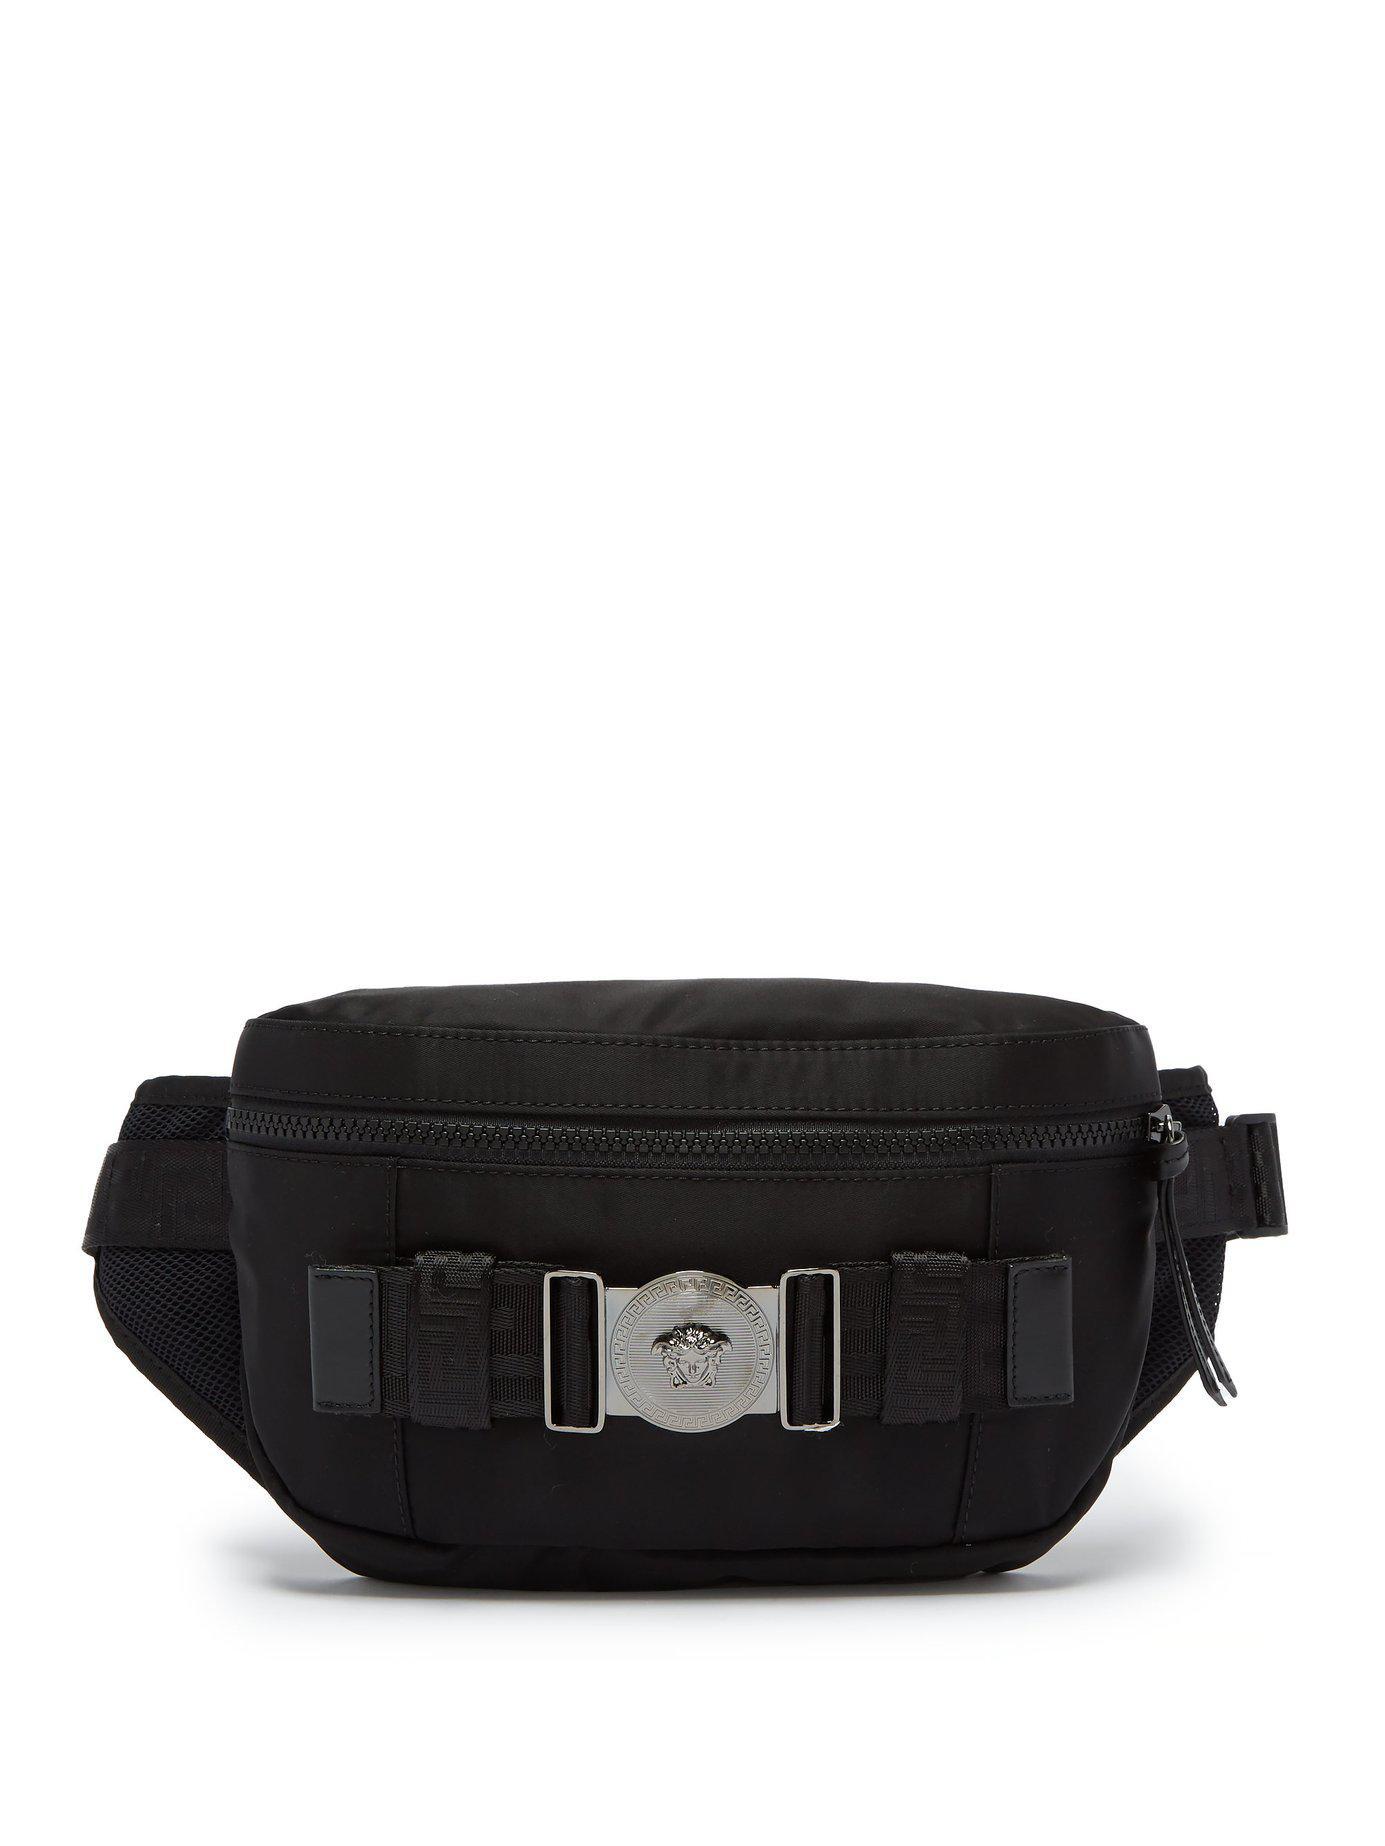 7d3bef793215 Lyst - Versace Medusa Nylon Belt Bag in Black for Men